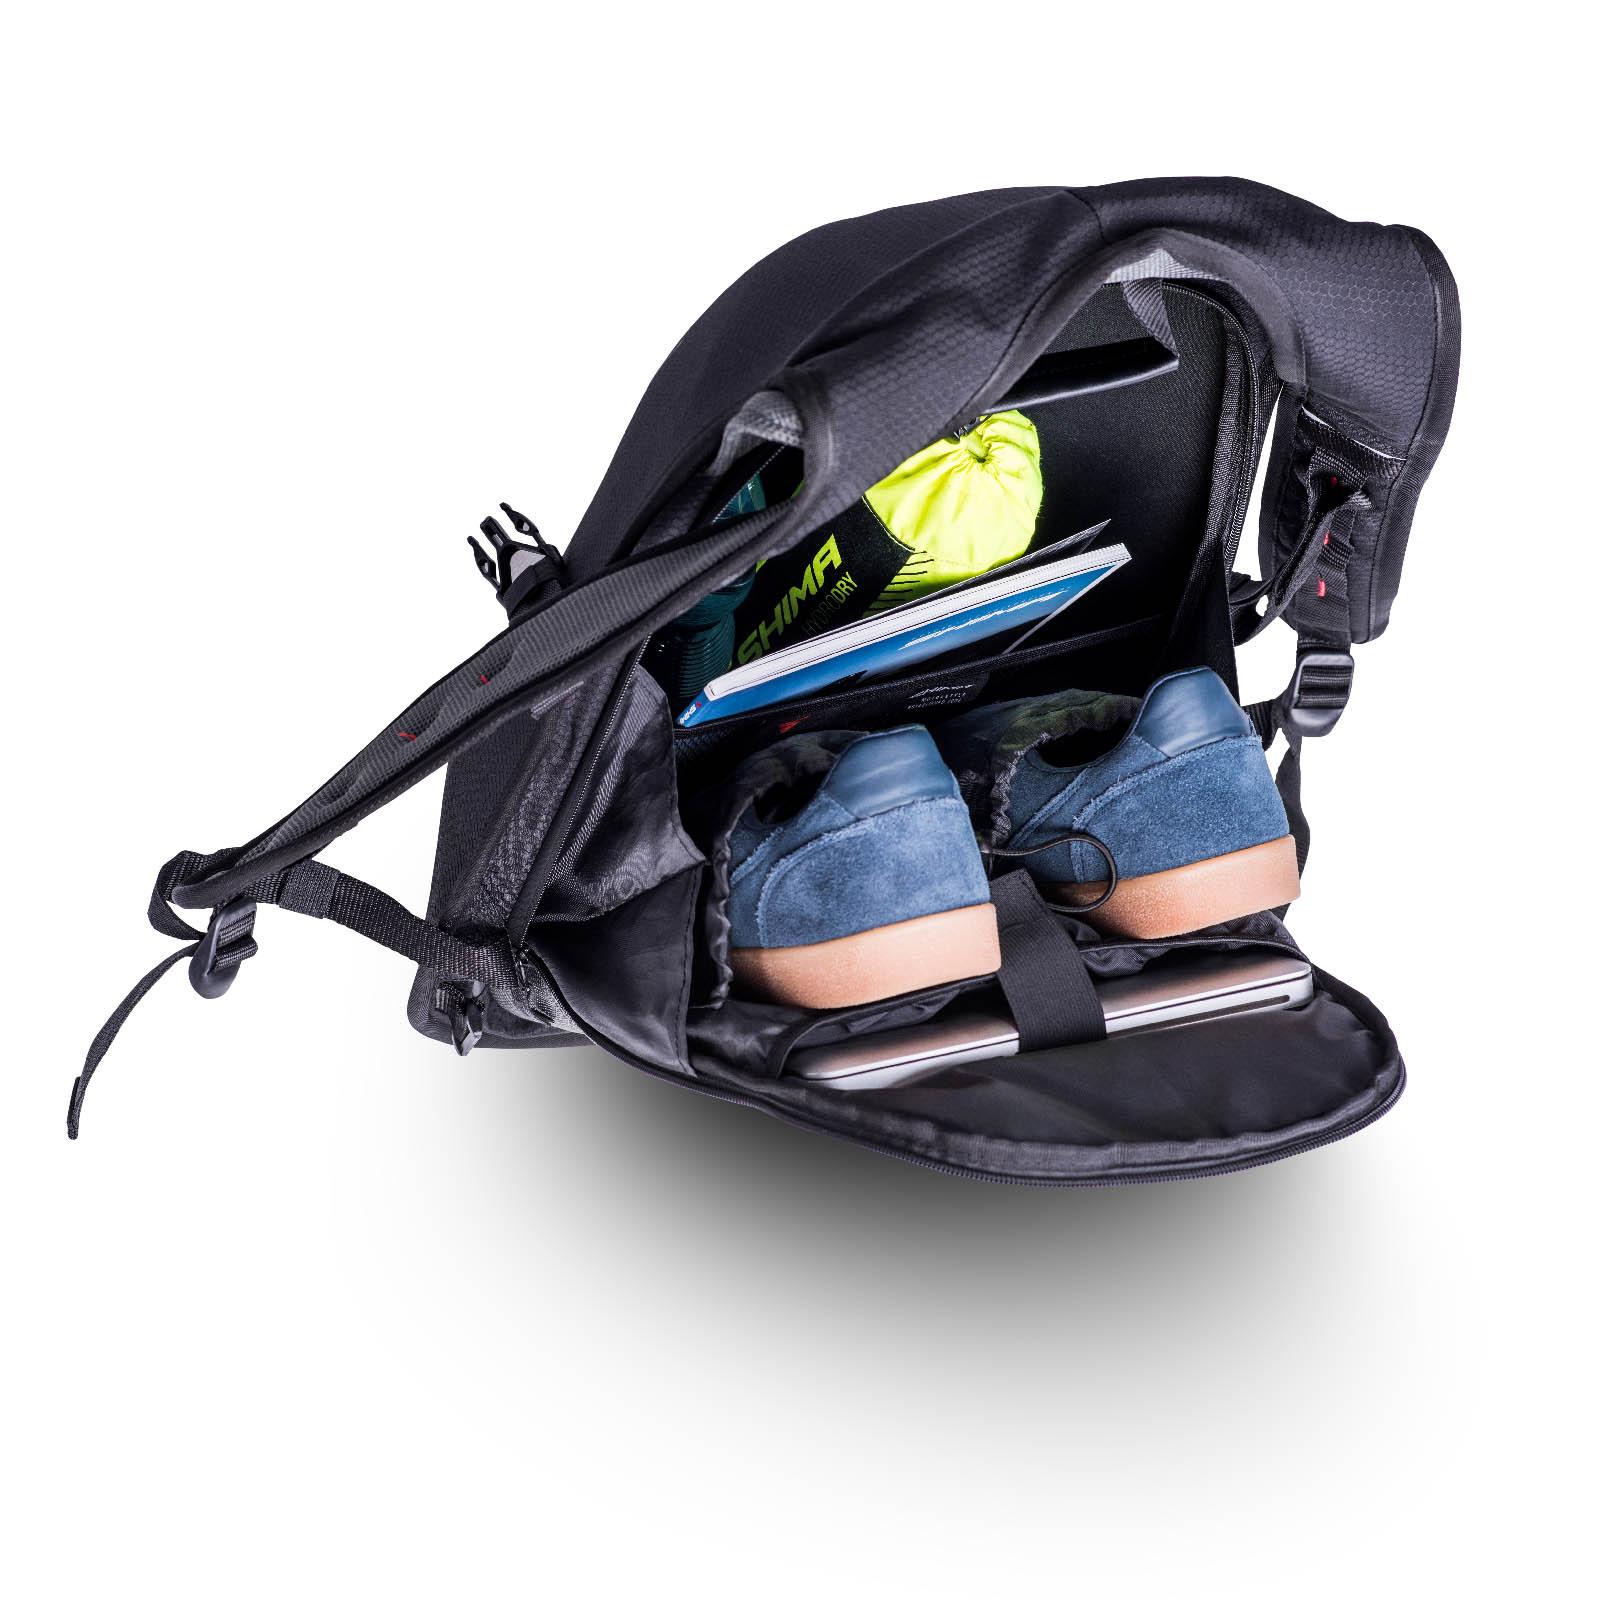 Рюкзак мотоциклетный Ayro Backpack вид изнутри купить по низкой цене